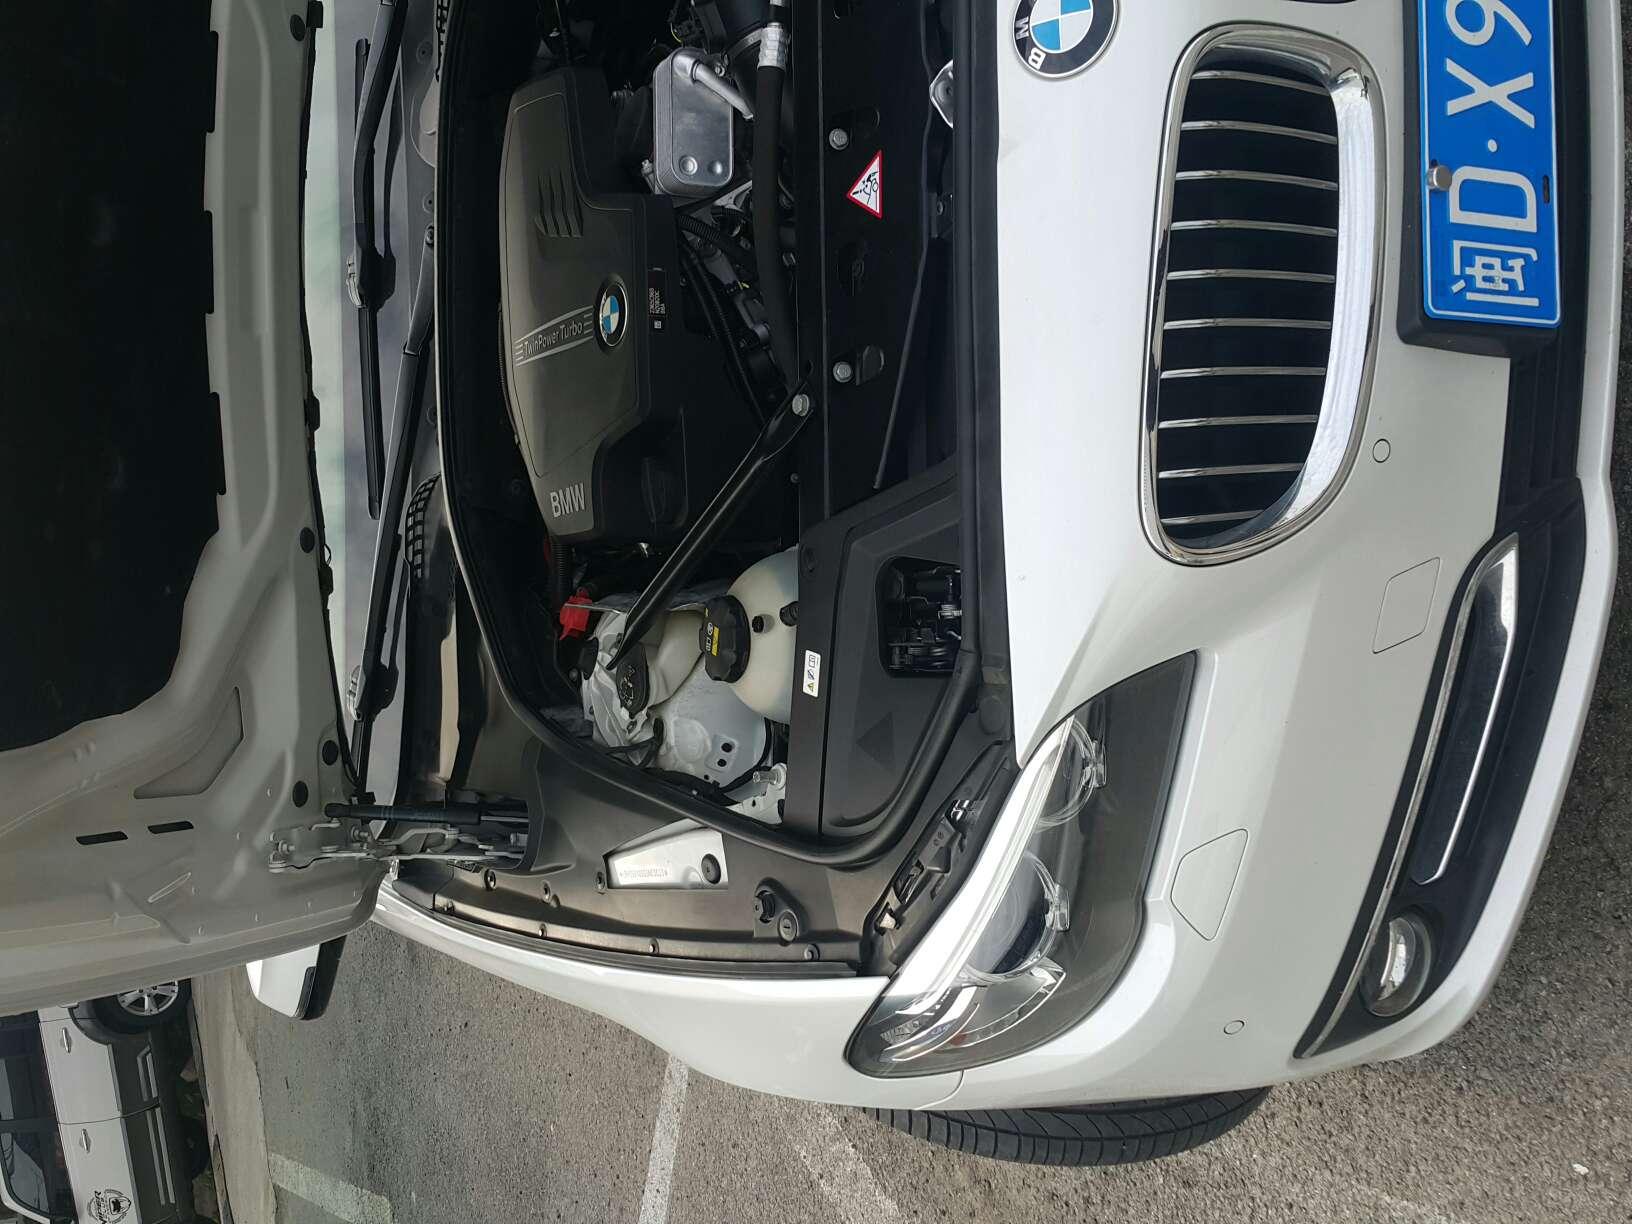 精真估提供二手车宝马 5系 2017款 2.0T 自动 525Li豪华设计套装